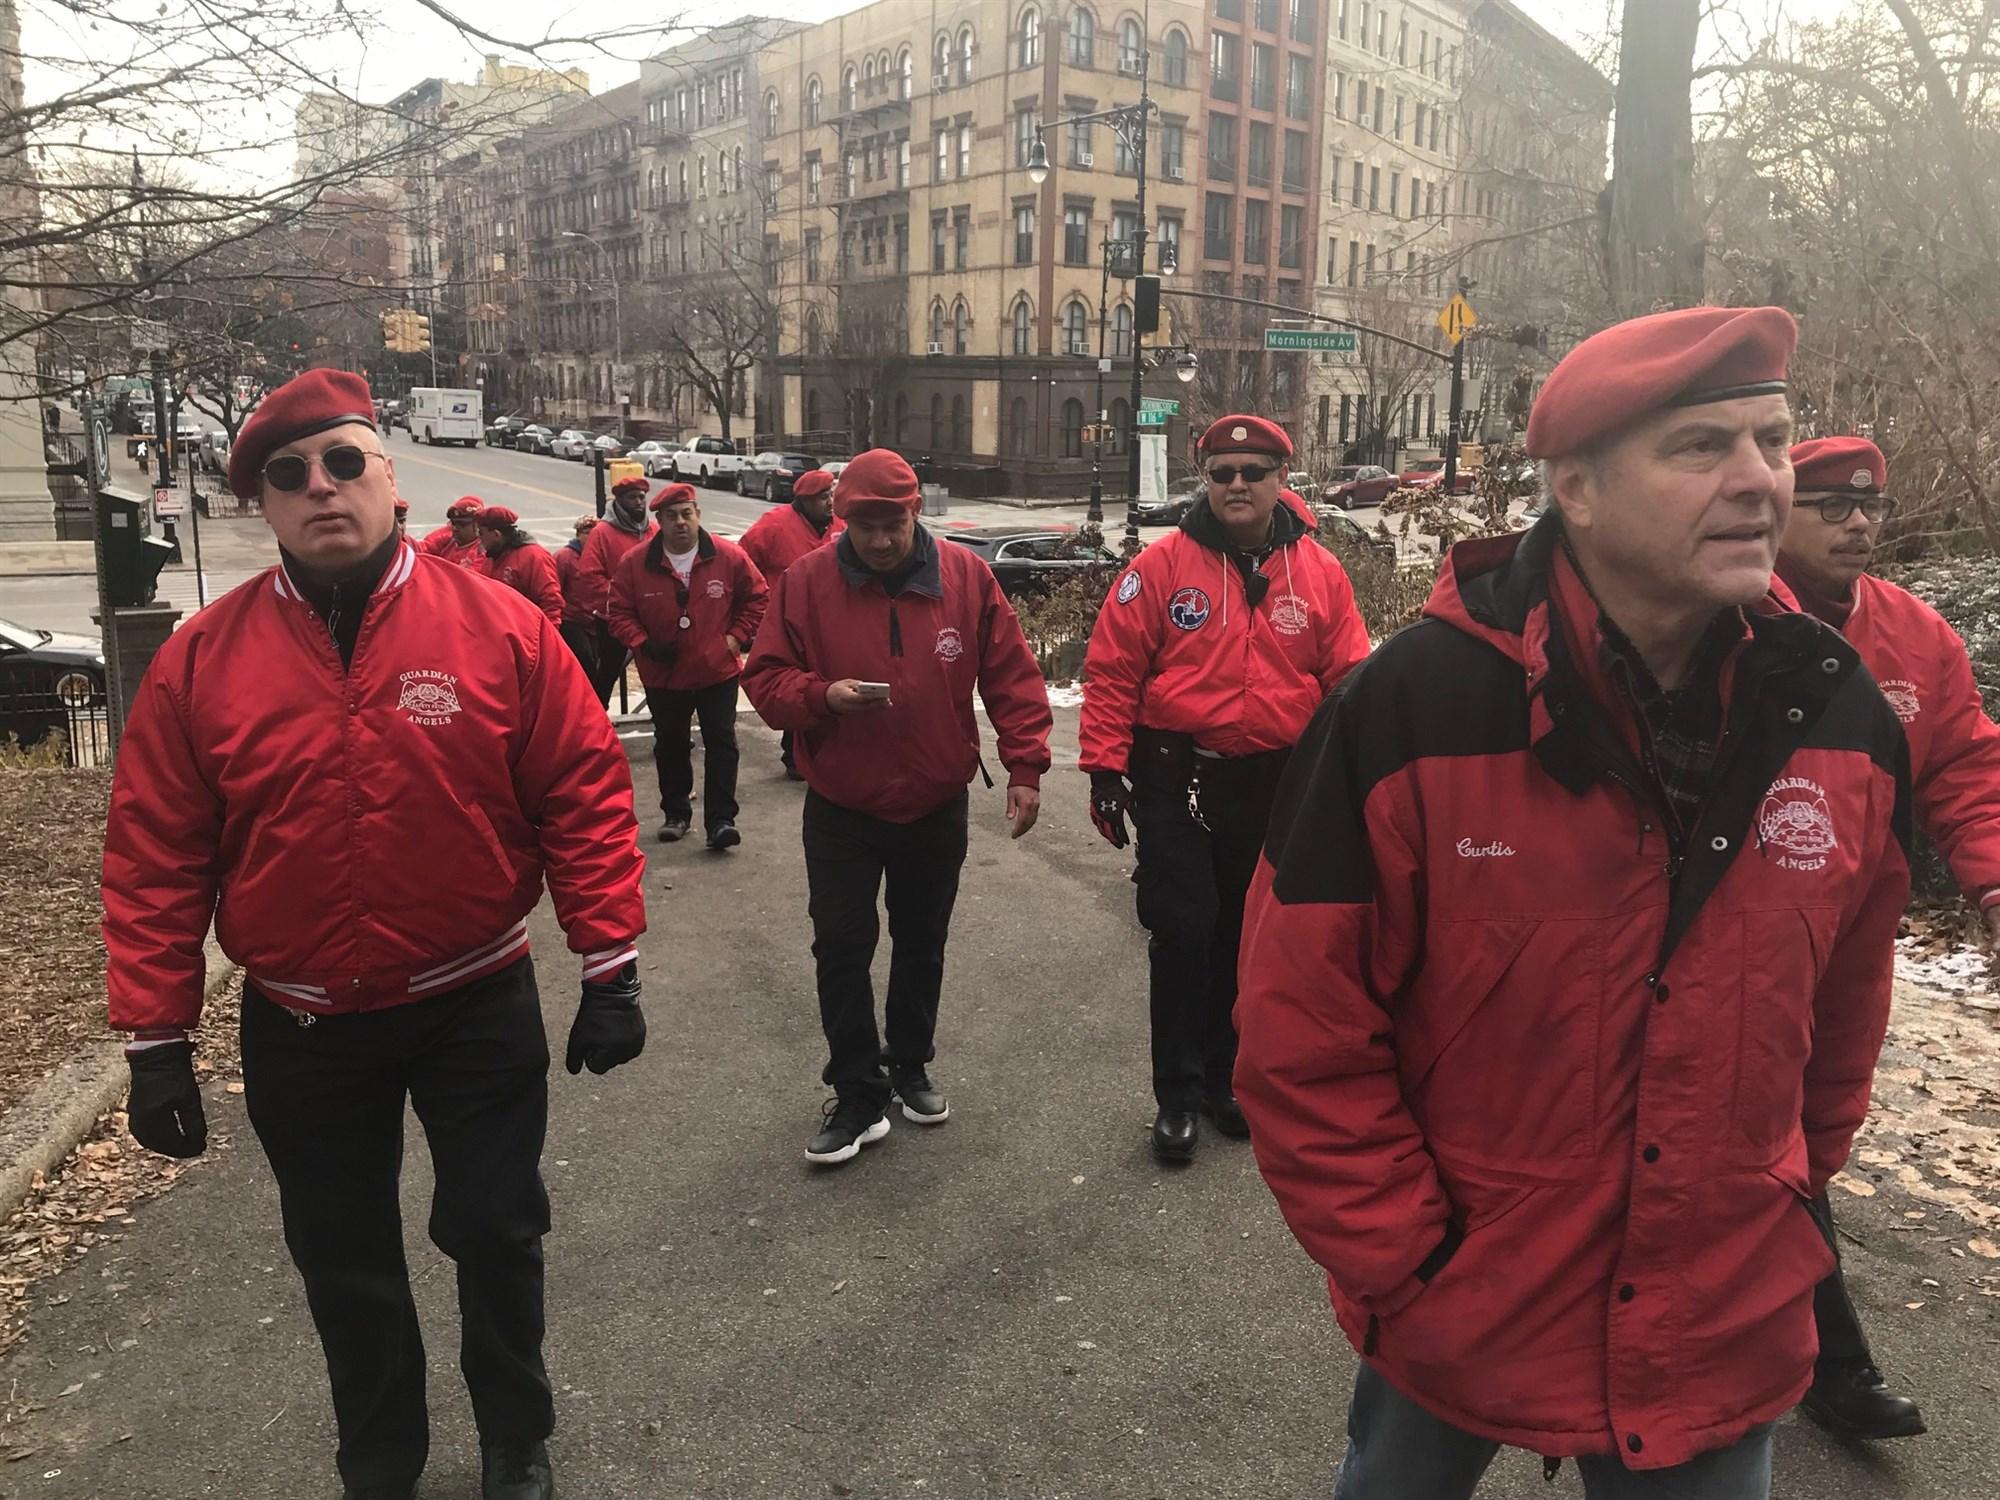 Amerika híres piros sapkásai fogják védeni a New Yorki zsidóságot